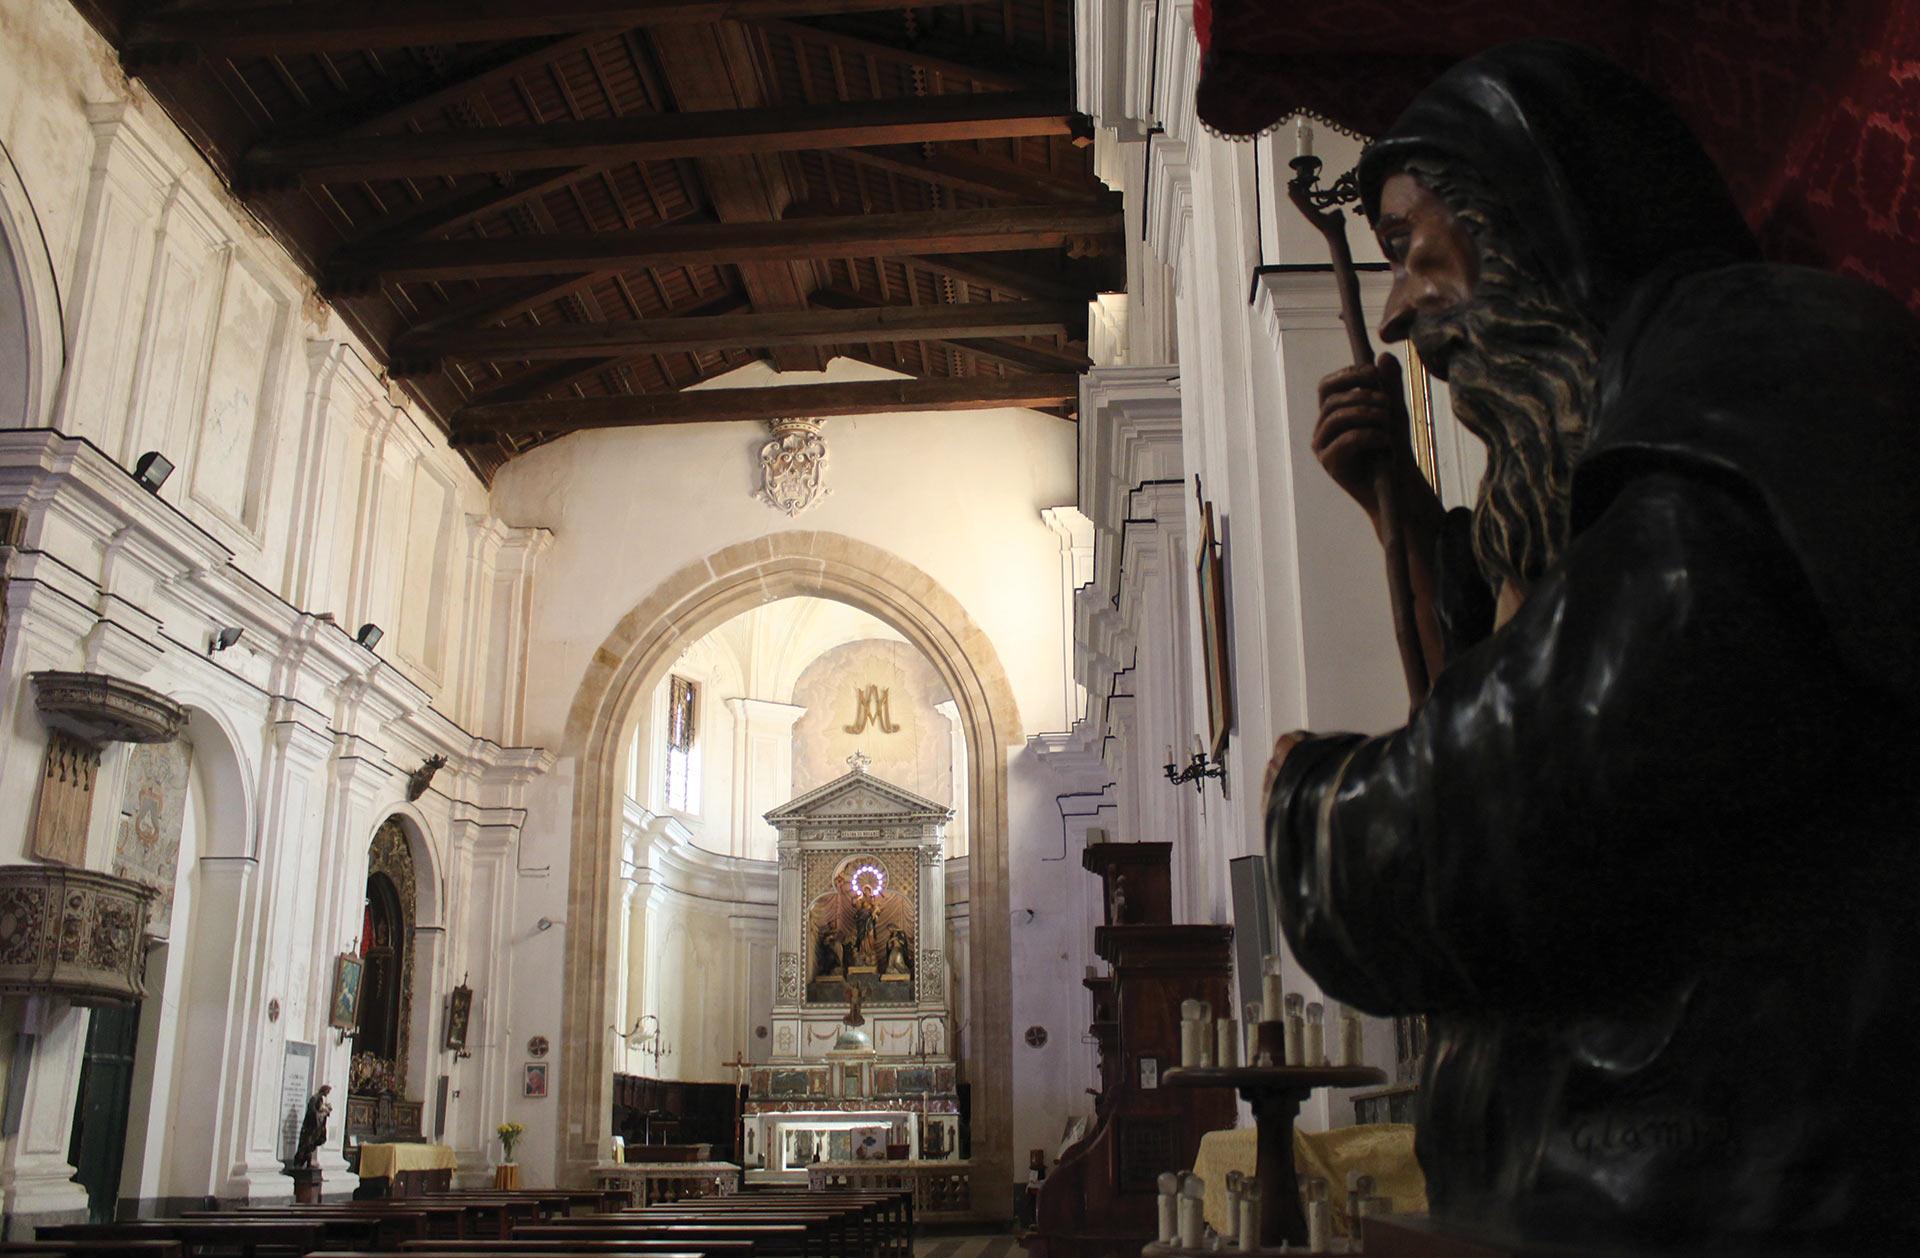 Chiesa di san domenico e cappella dei crociati